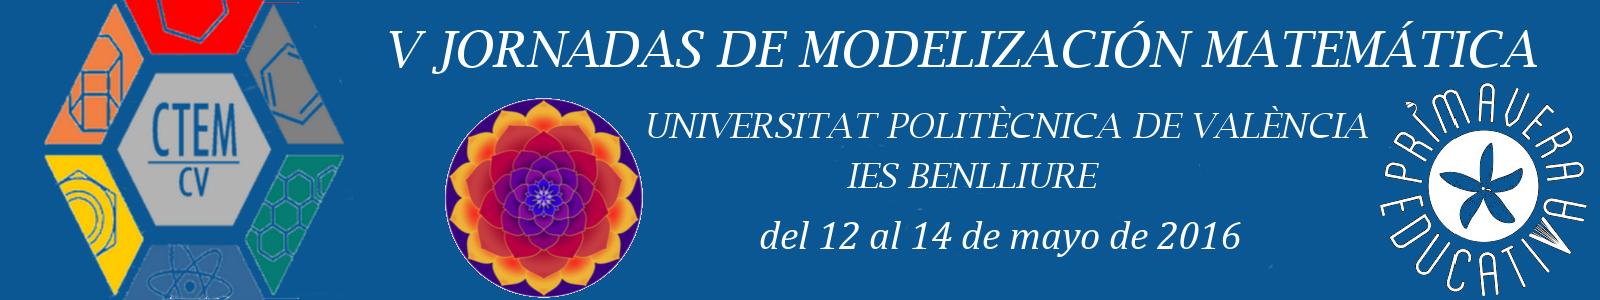 V Jornadas de Modelización Matemática